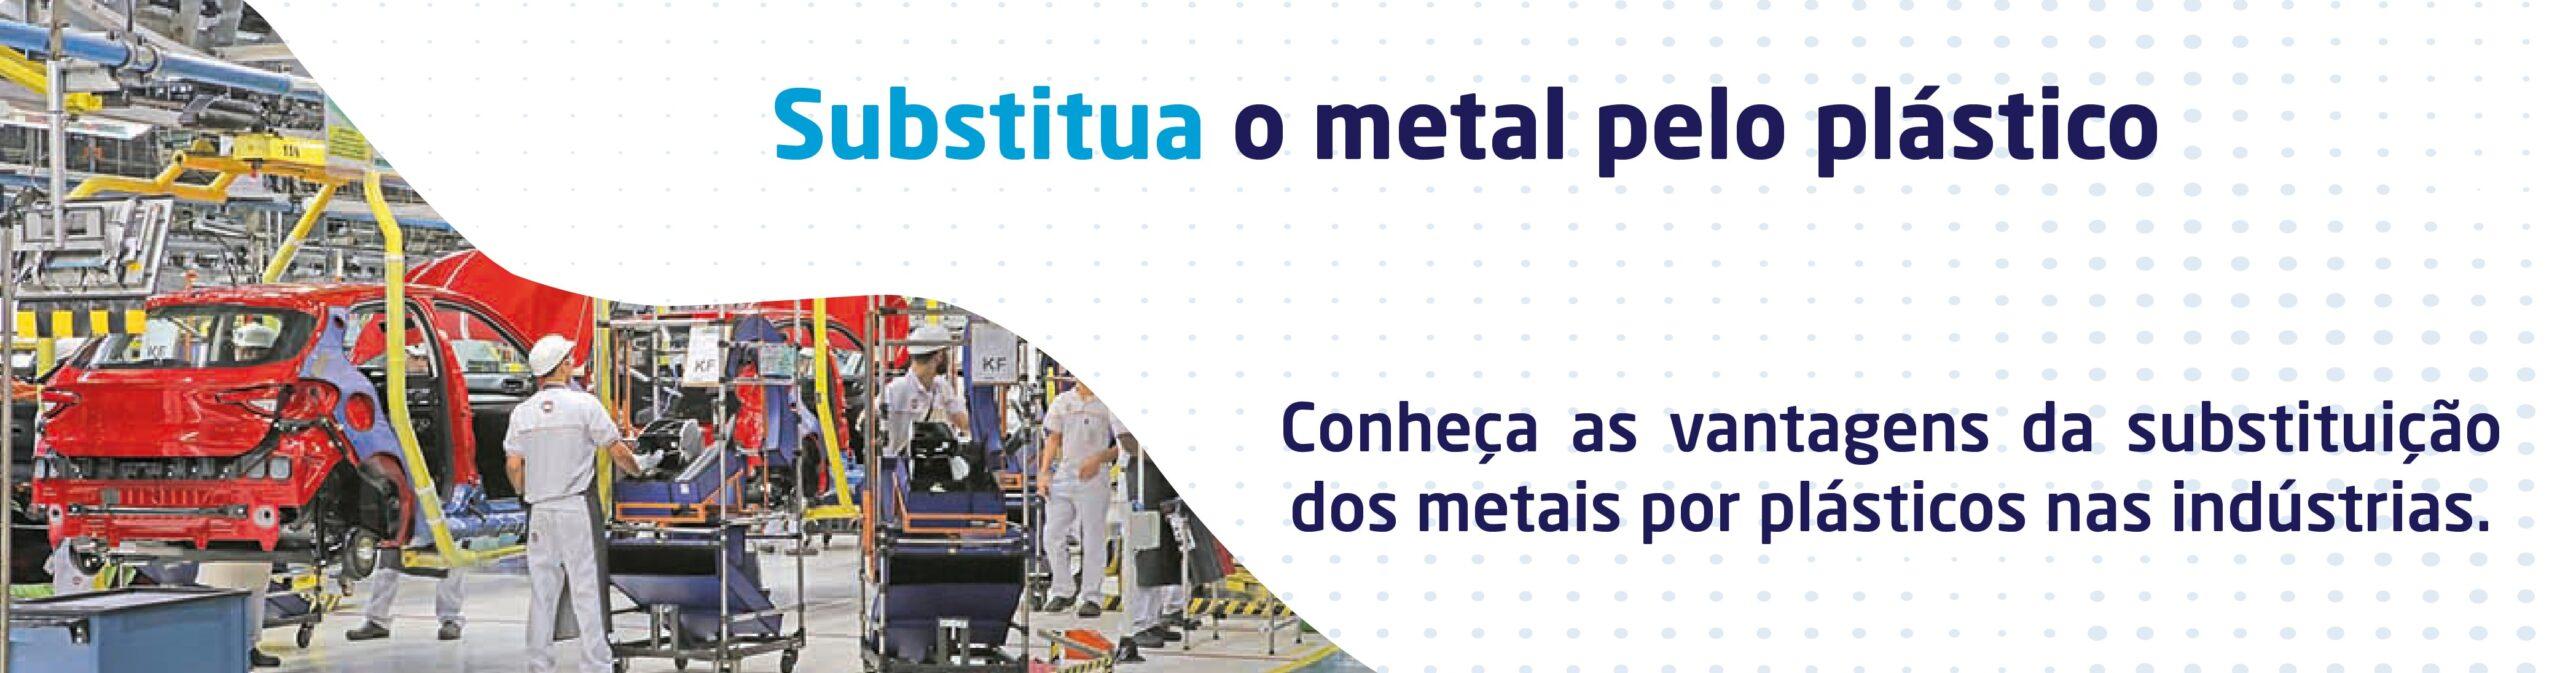 substitua-metal-plastico